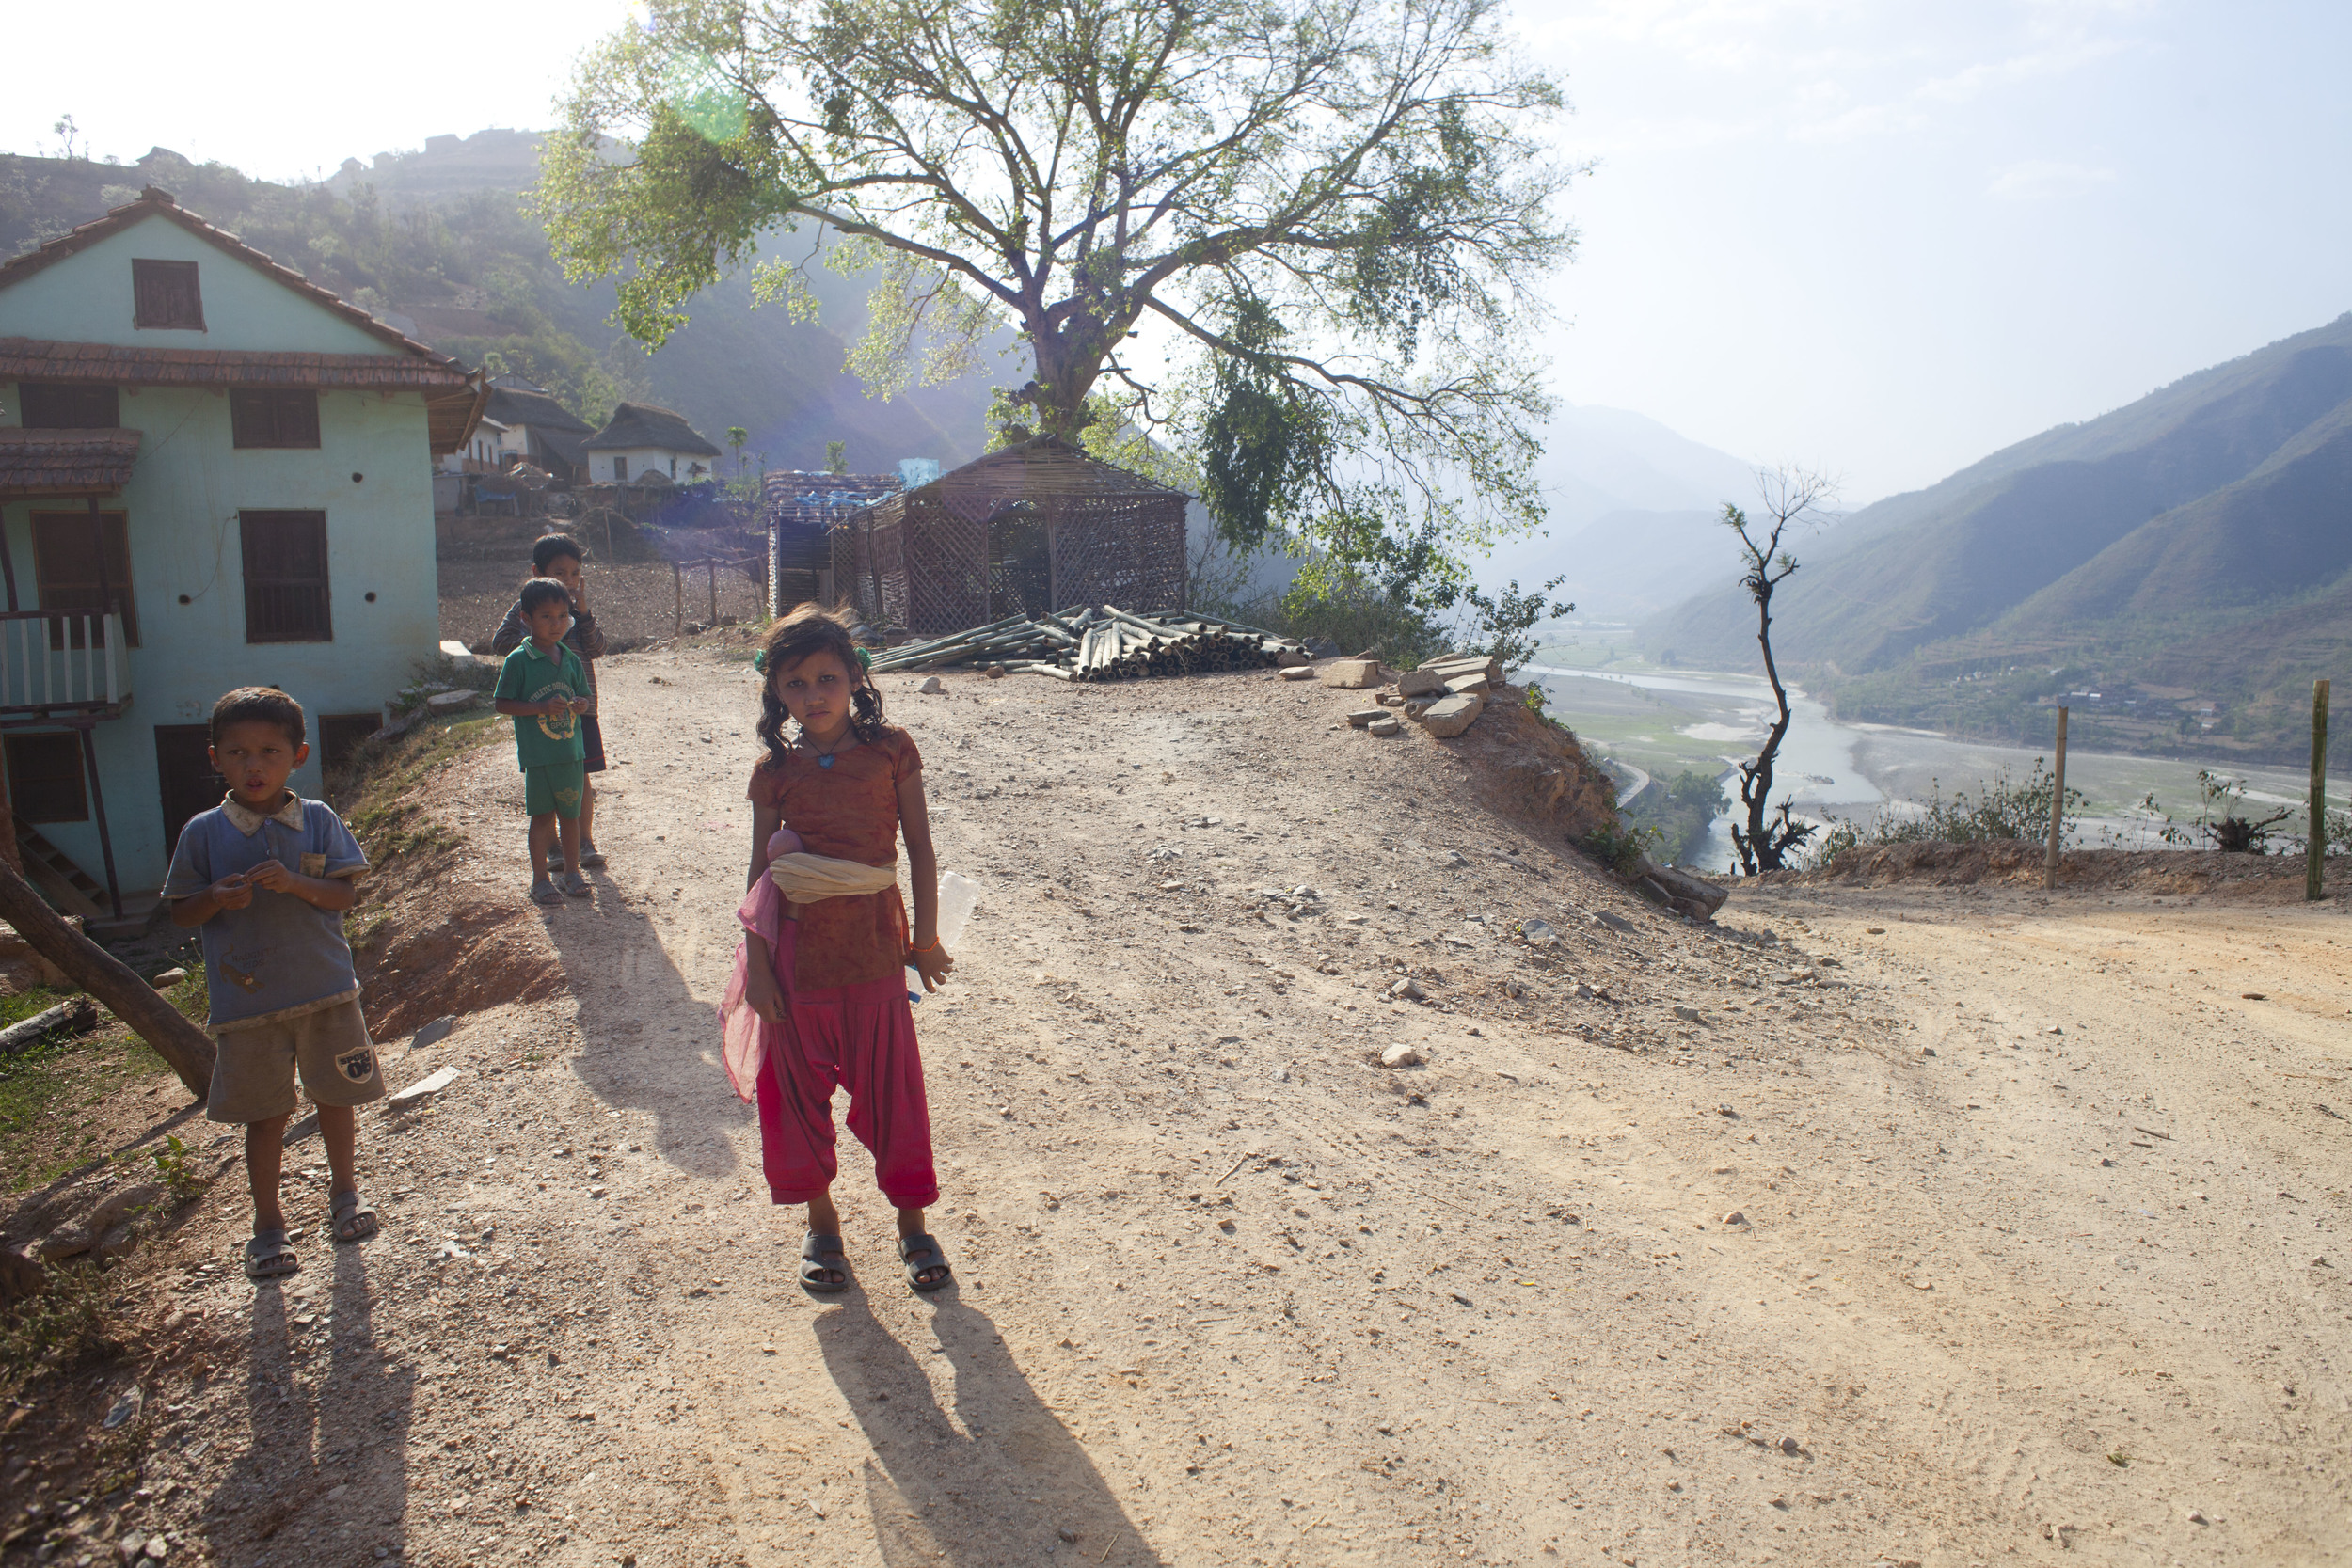 Rural Eastern Nepal